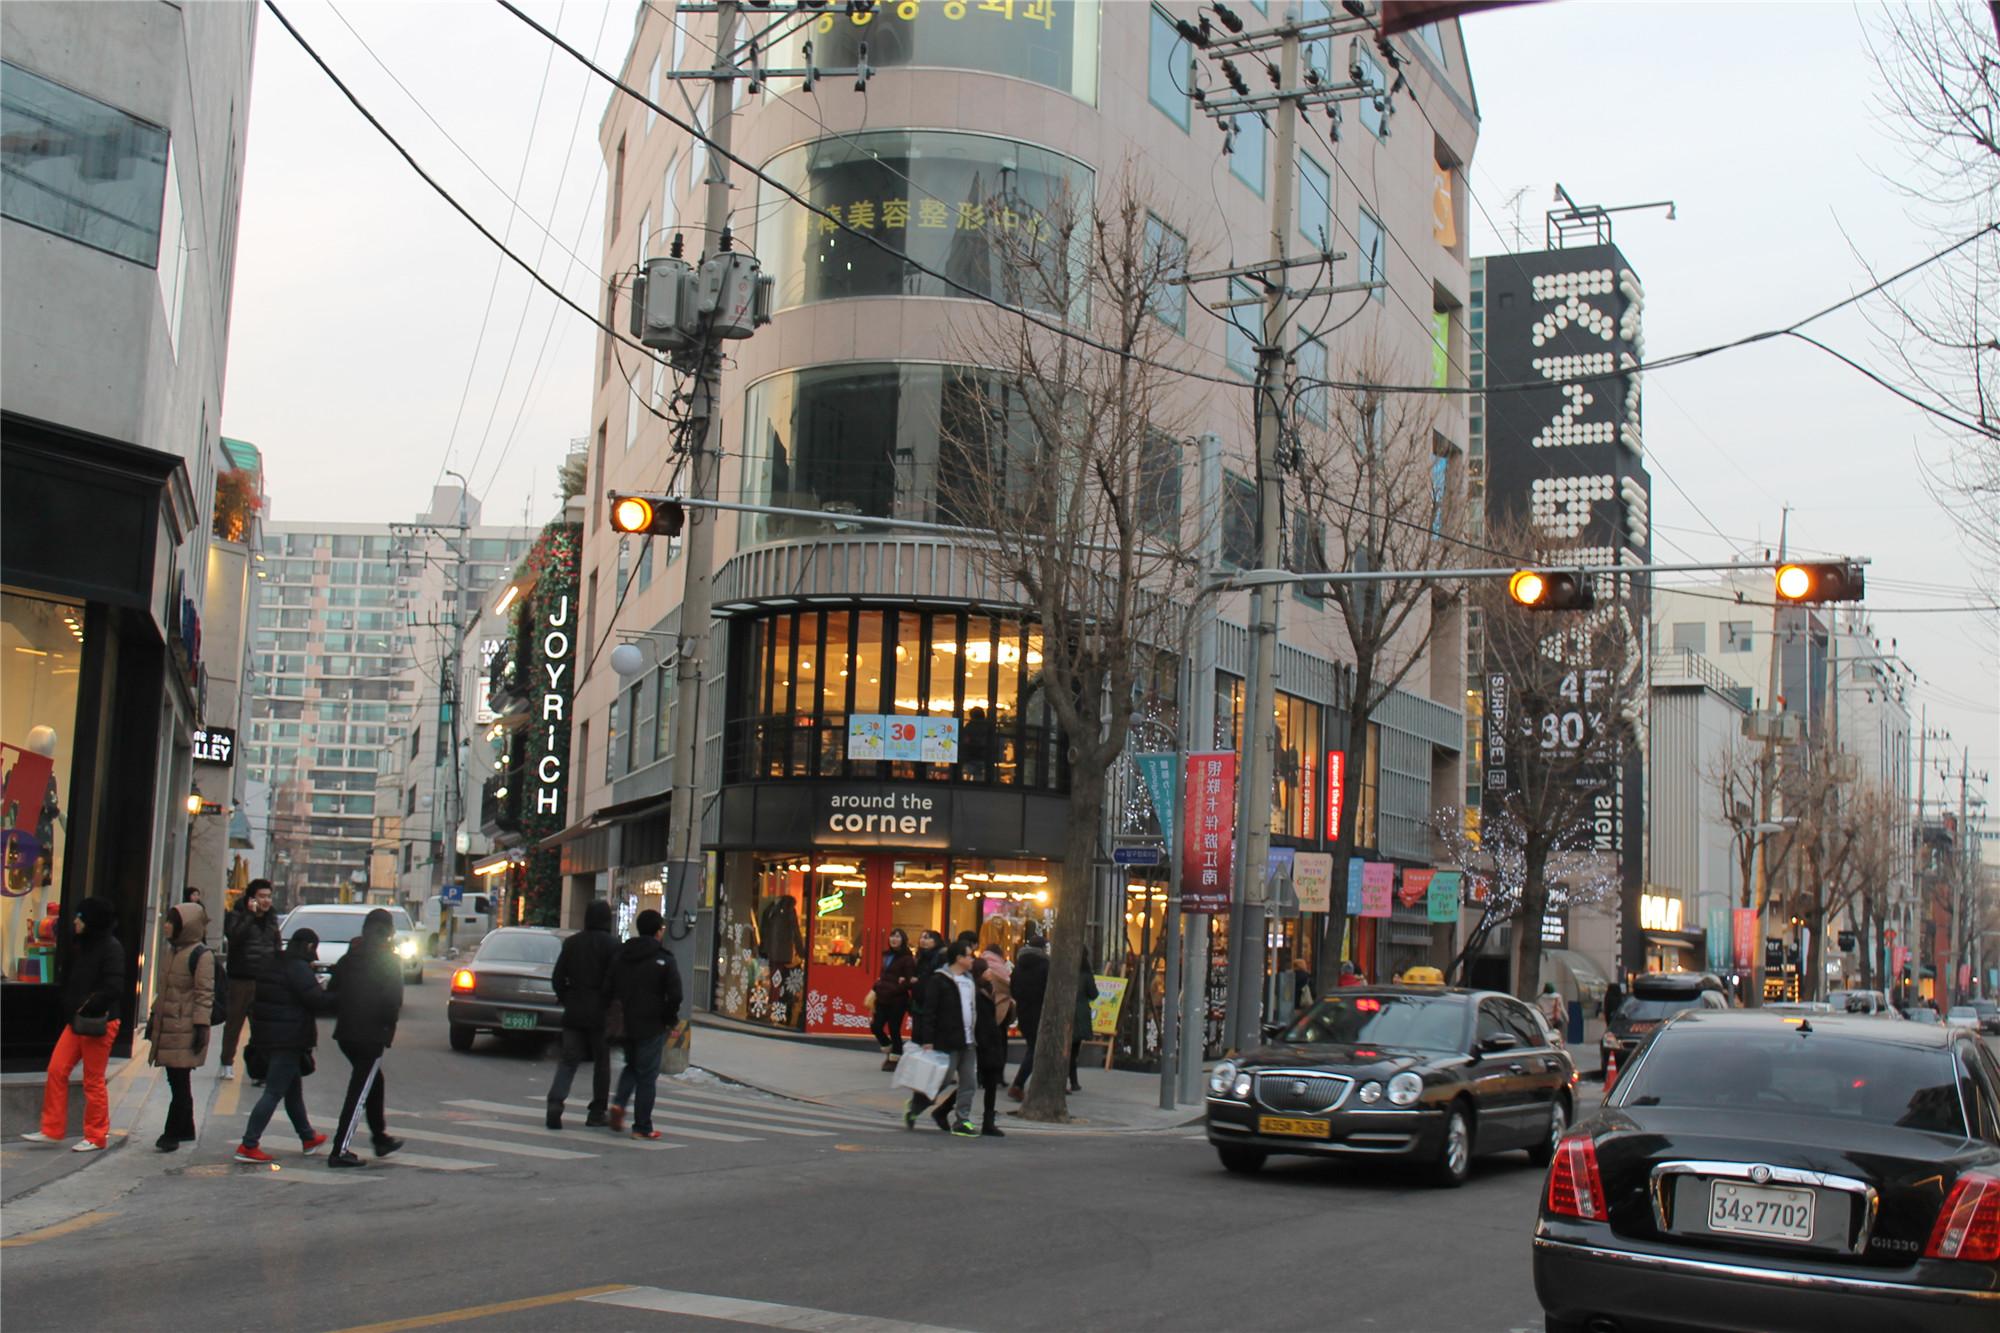 1920x1080韩国首尔风景街道